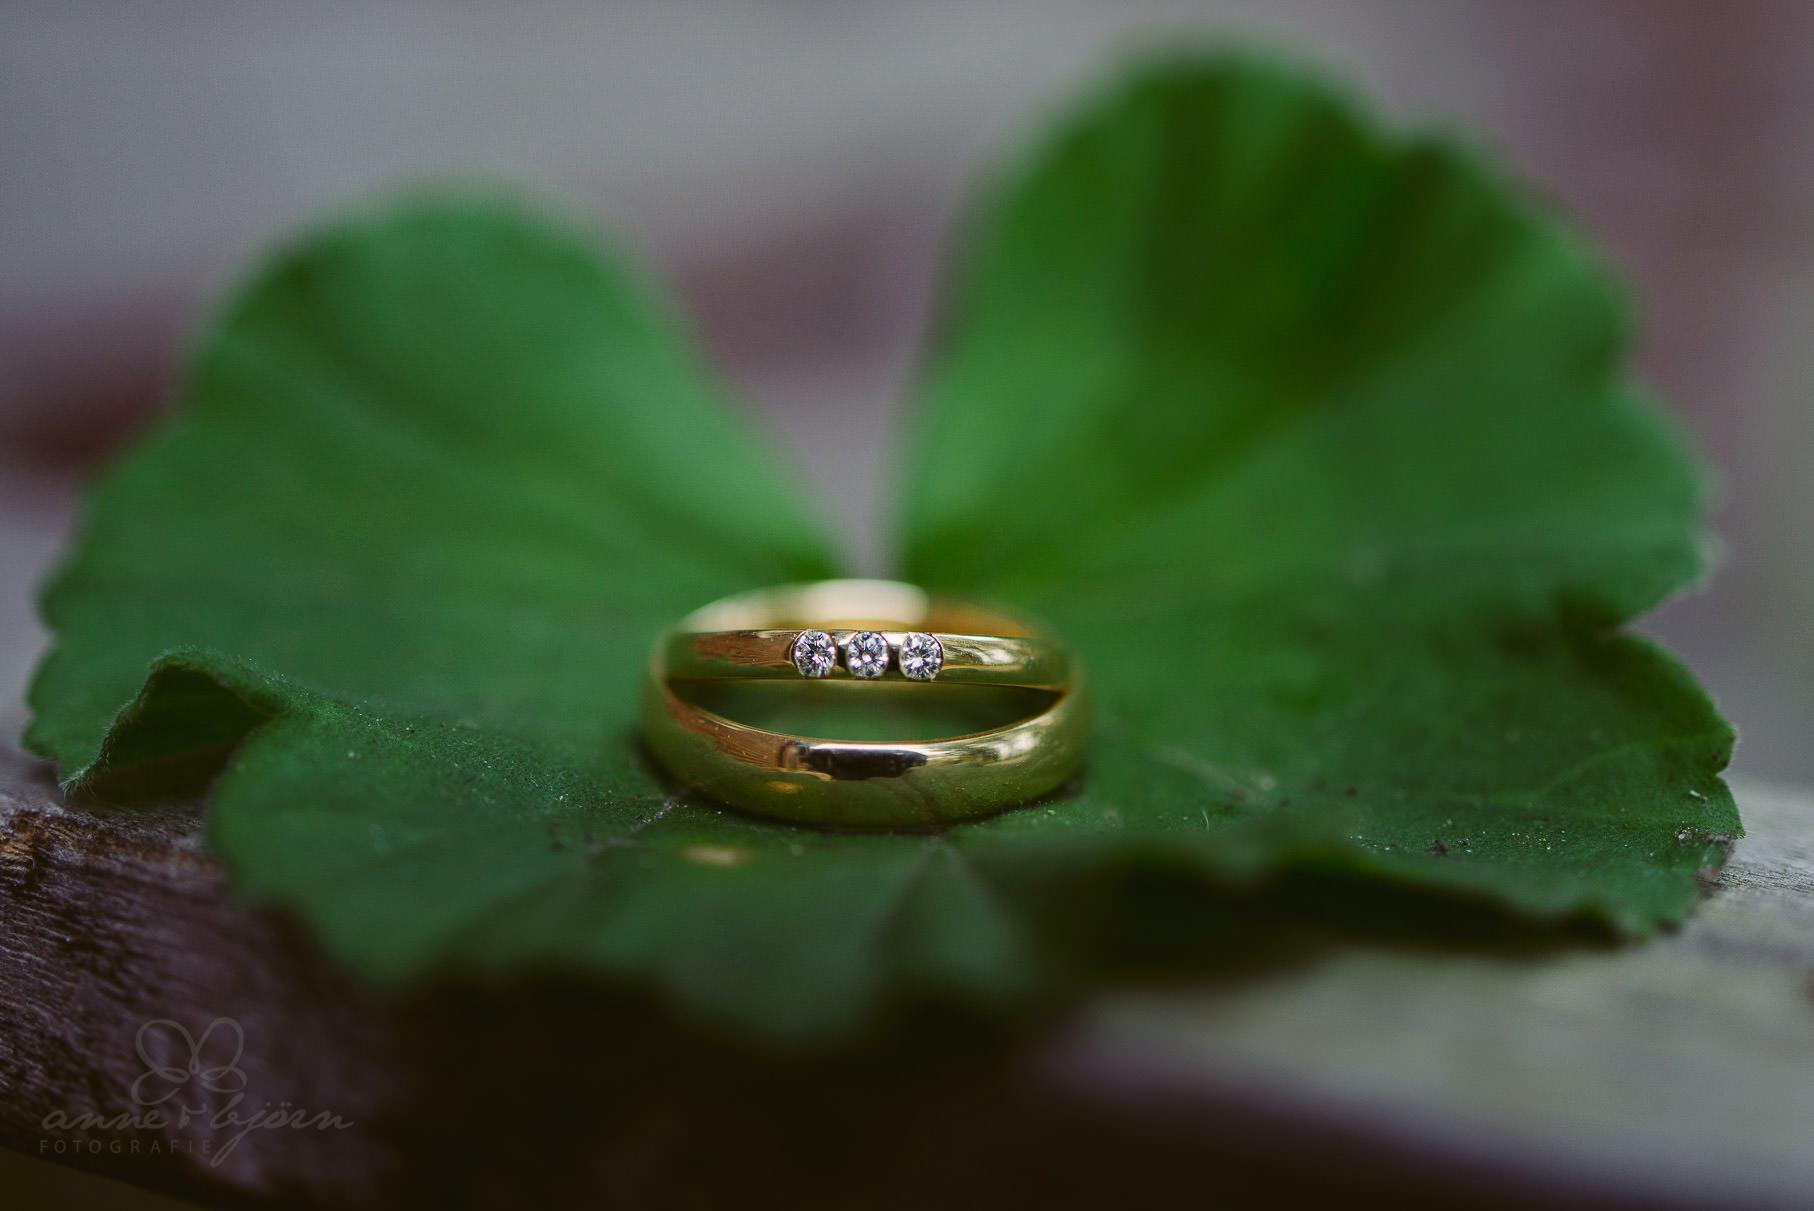 0096 aub 812 9847 - Hochzeit auf Gut Thansen - Anja & Björn